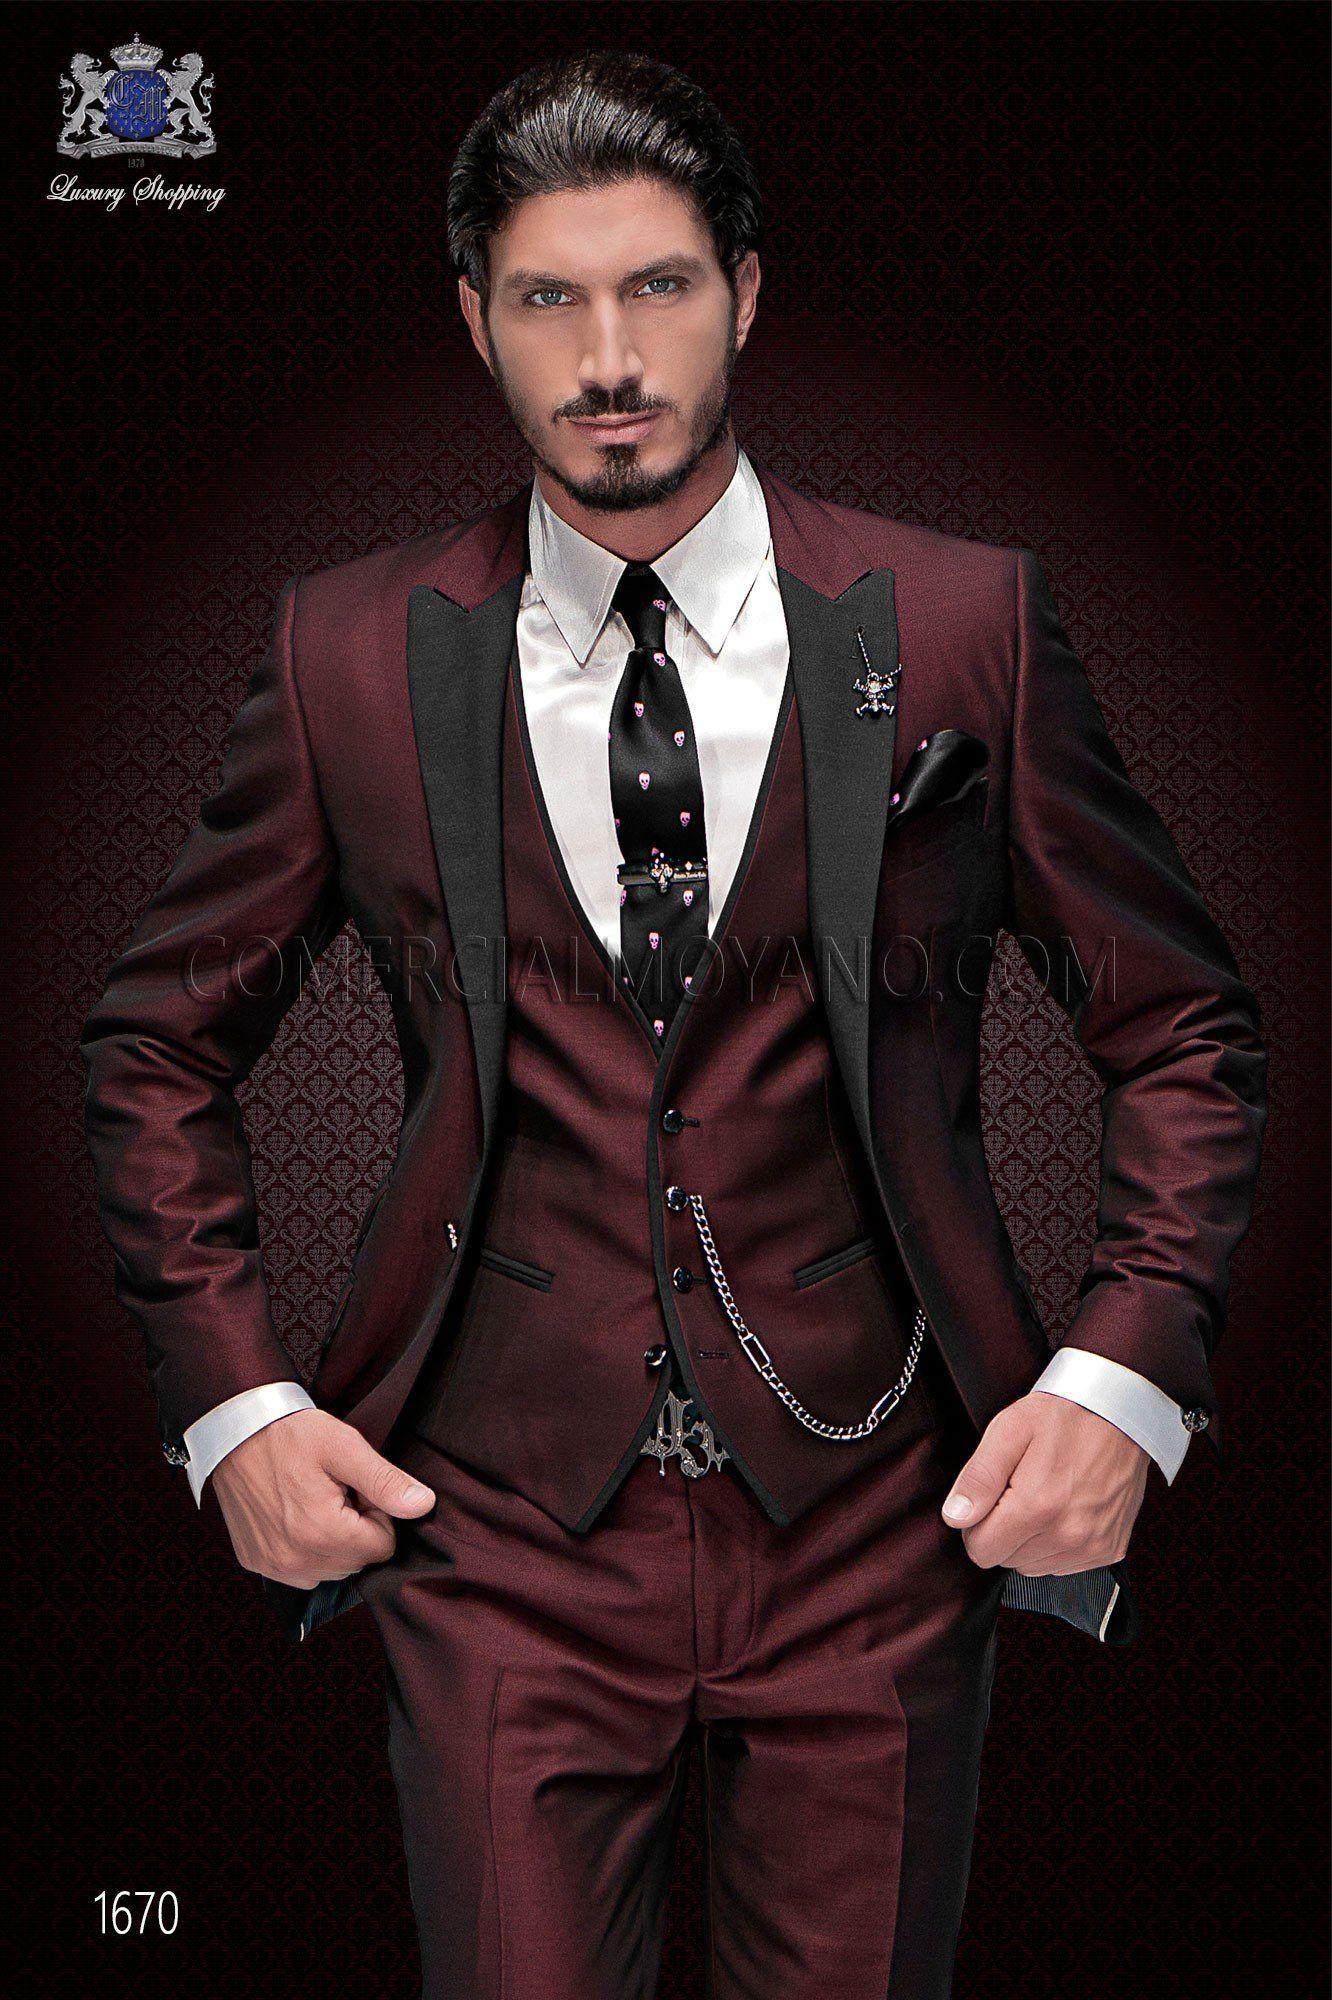 Traje de novio italiano de moda. Traje de moda rojo de 1 botón y exclusivo  corte italiano. Traje rojo colección emotion 1670 Ottavio Nuccio Gala 71f4370b4eb